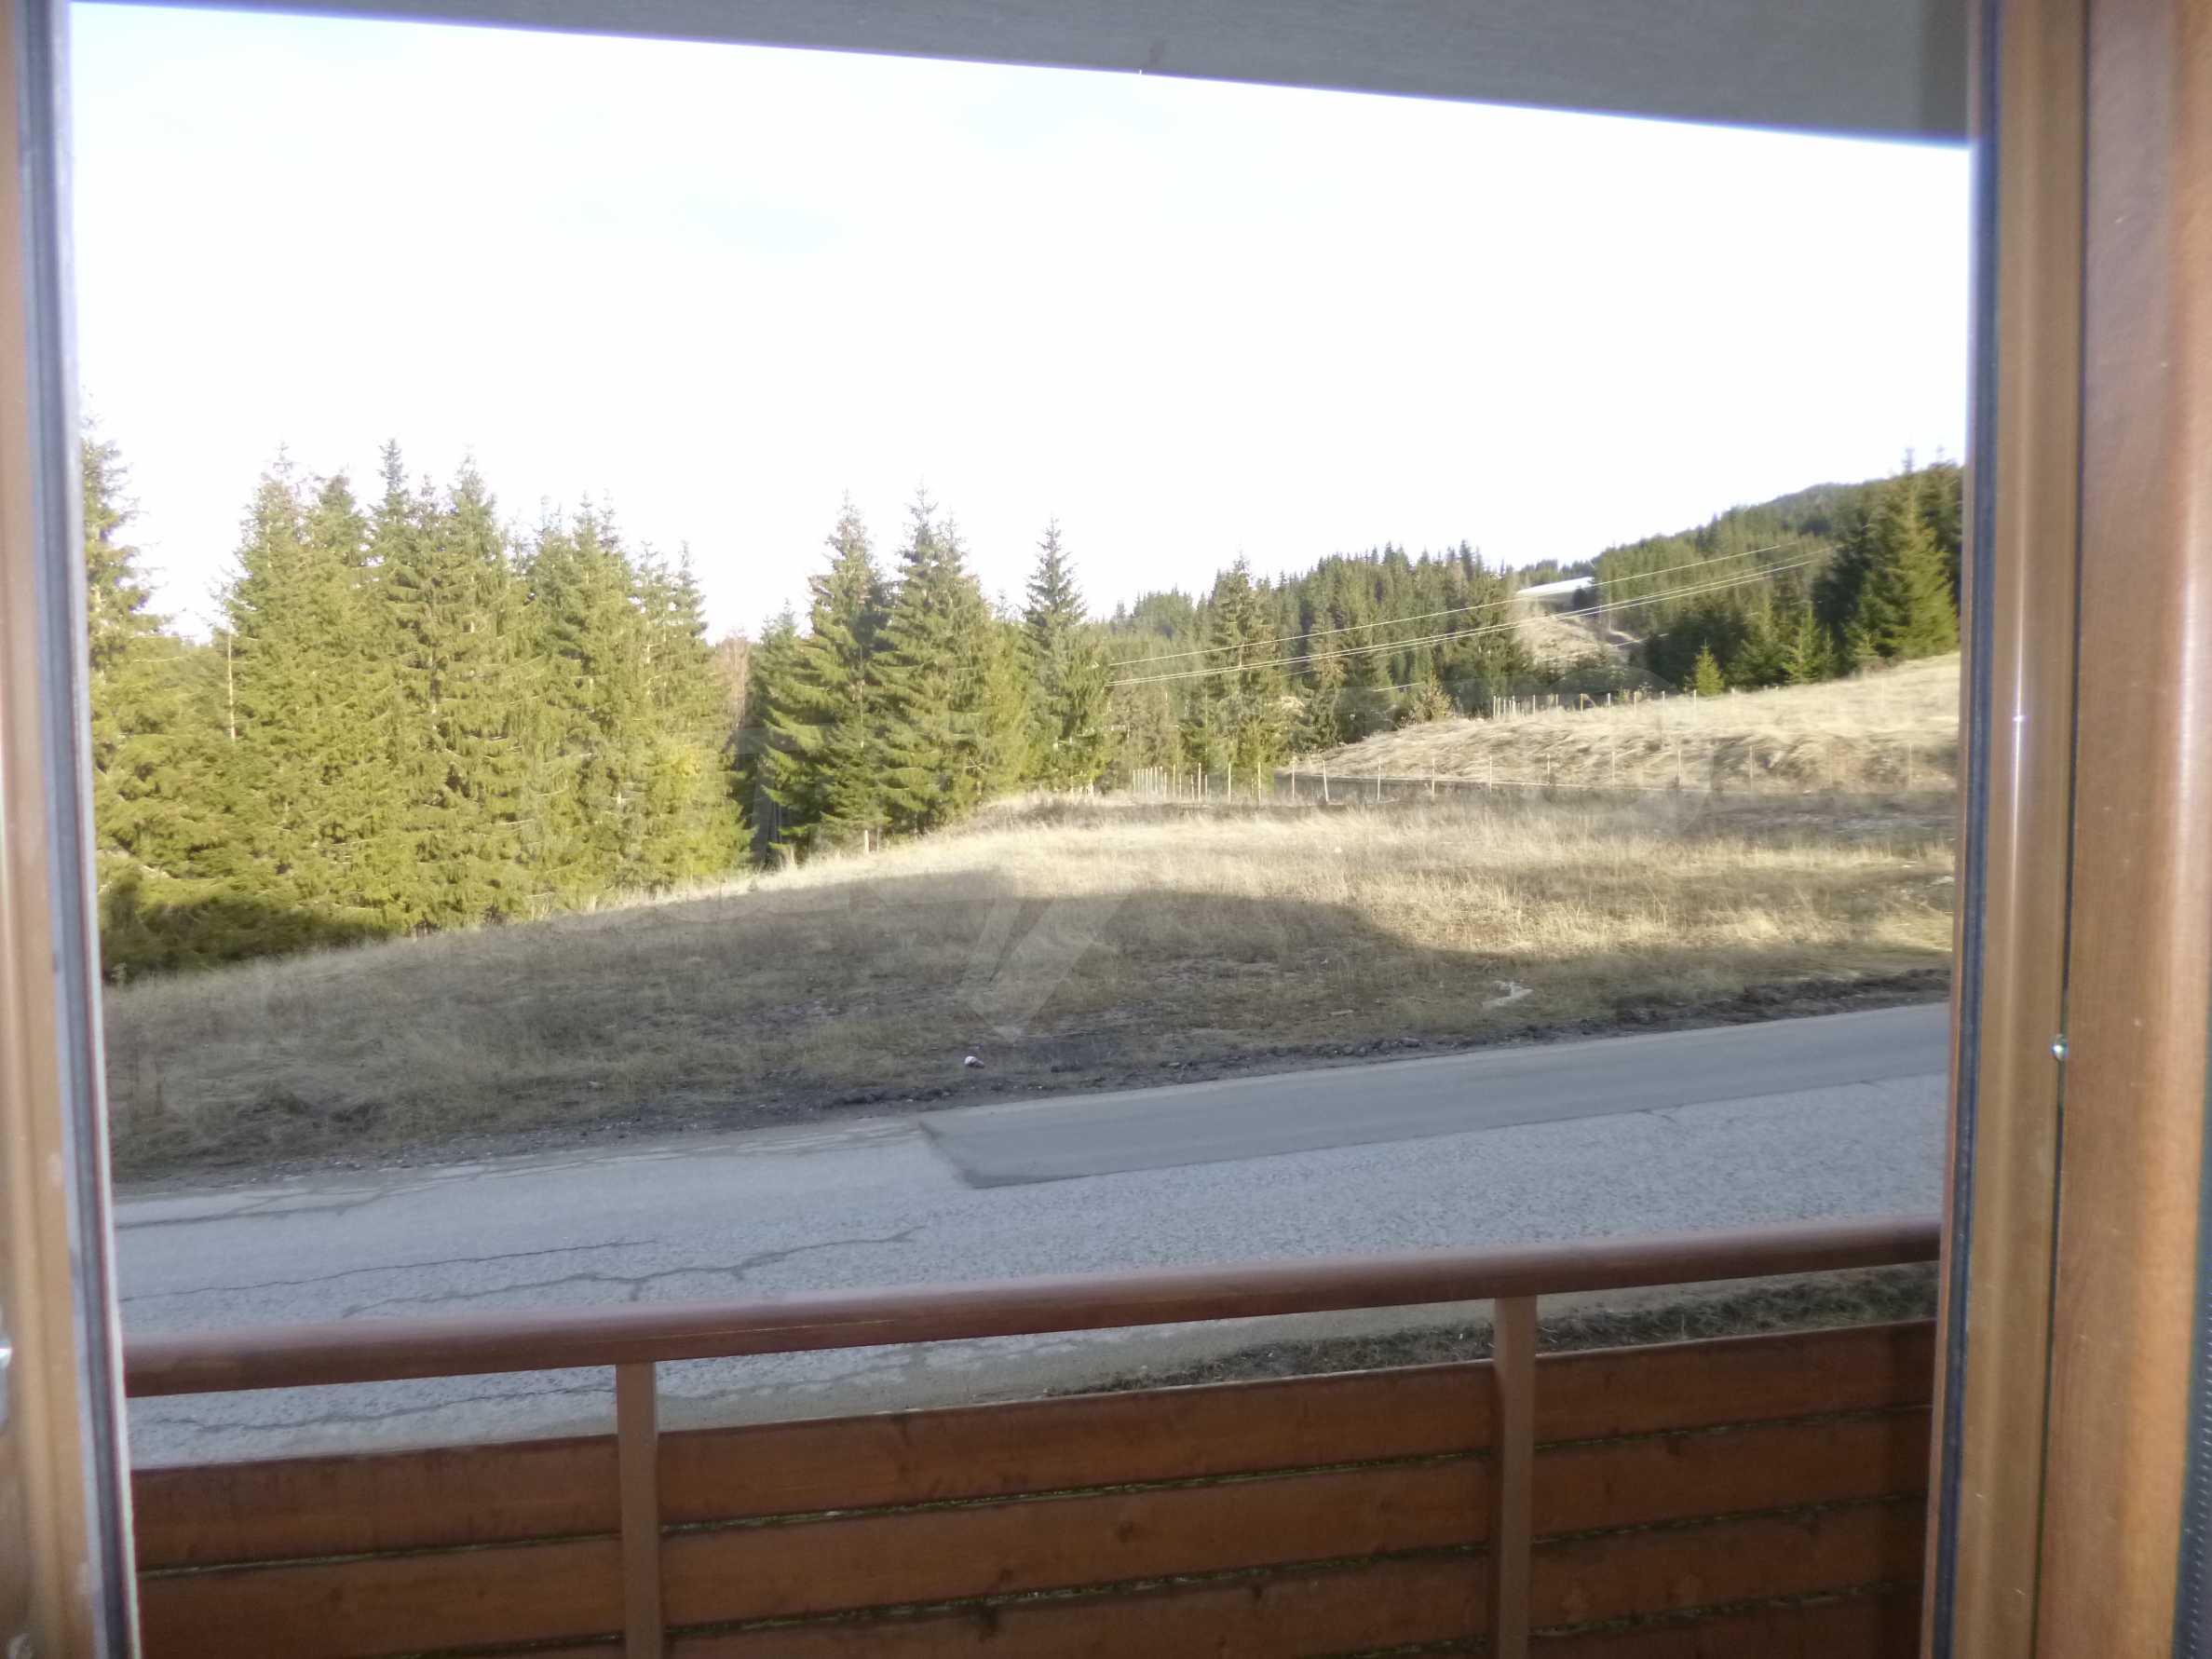 Ferienimmobilie in der Nähe des Skigebiets Pamporovo 12